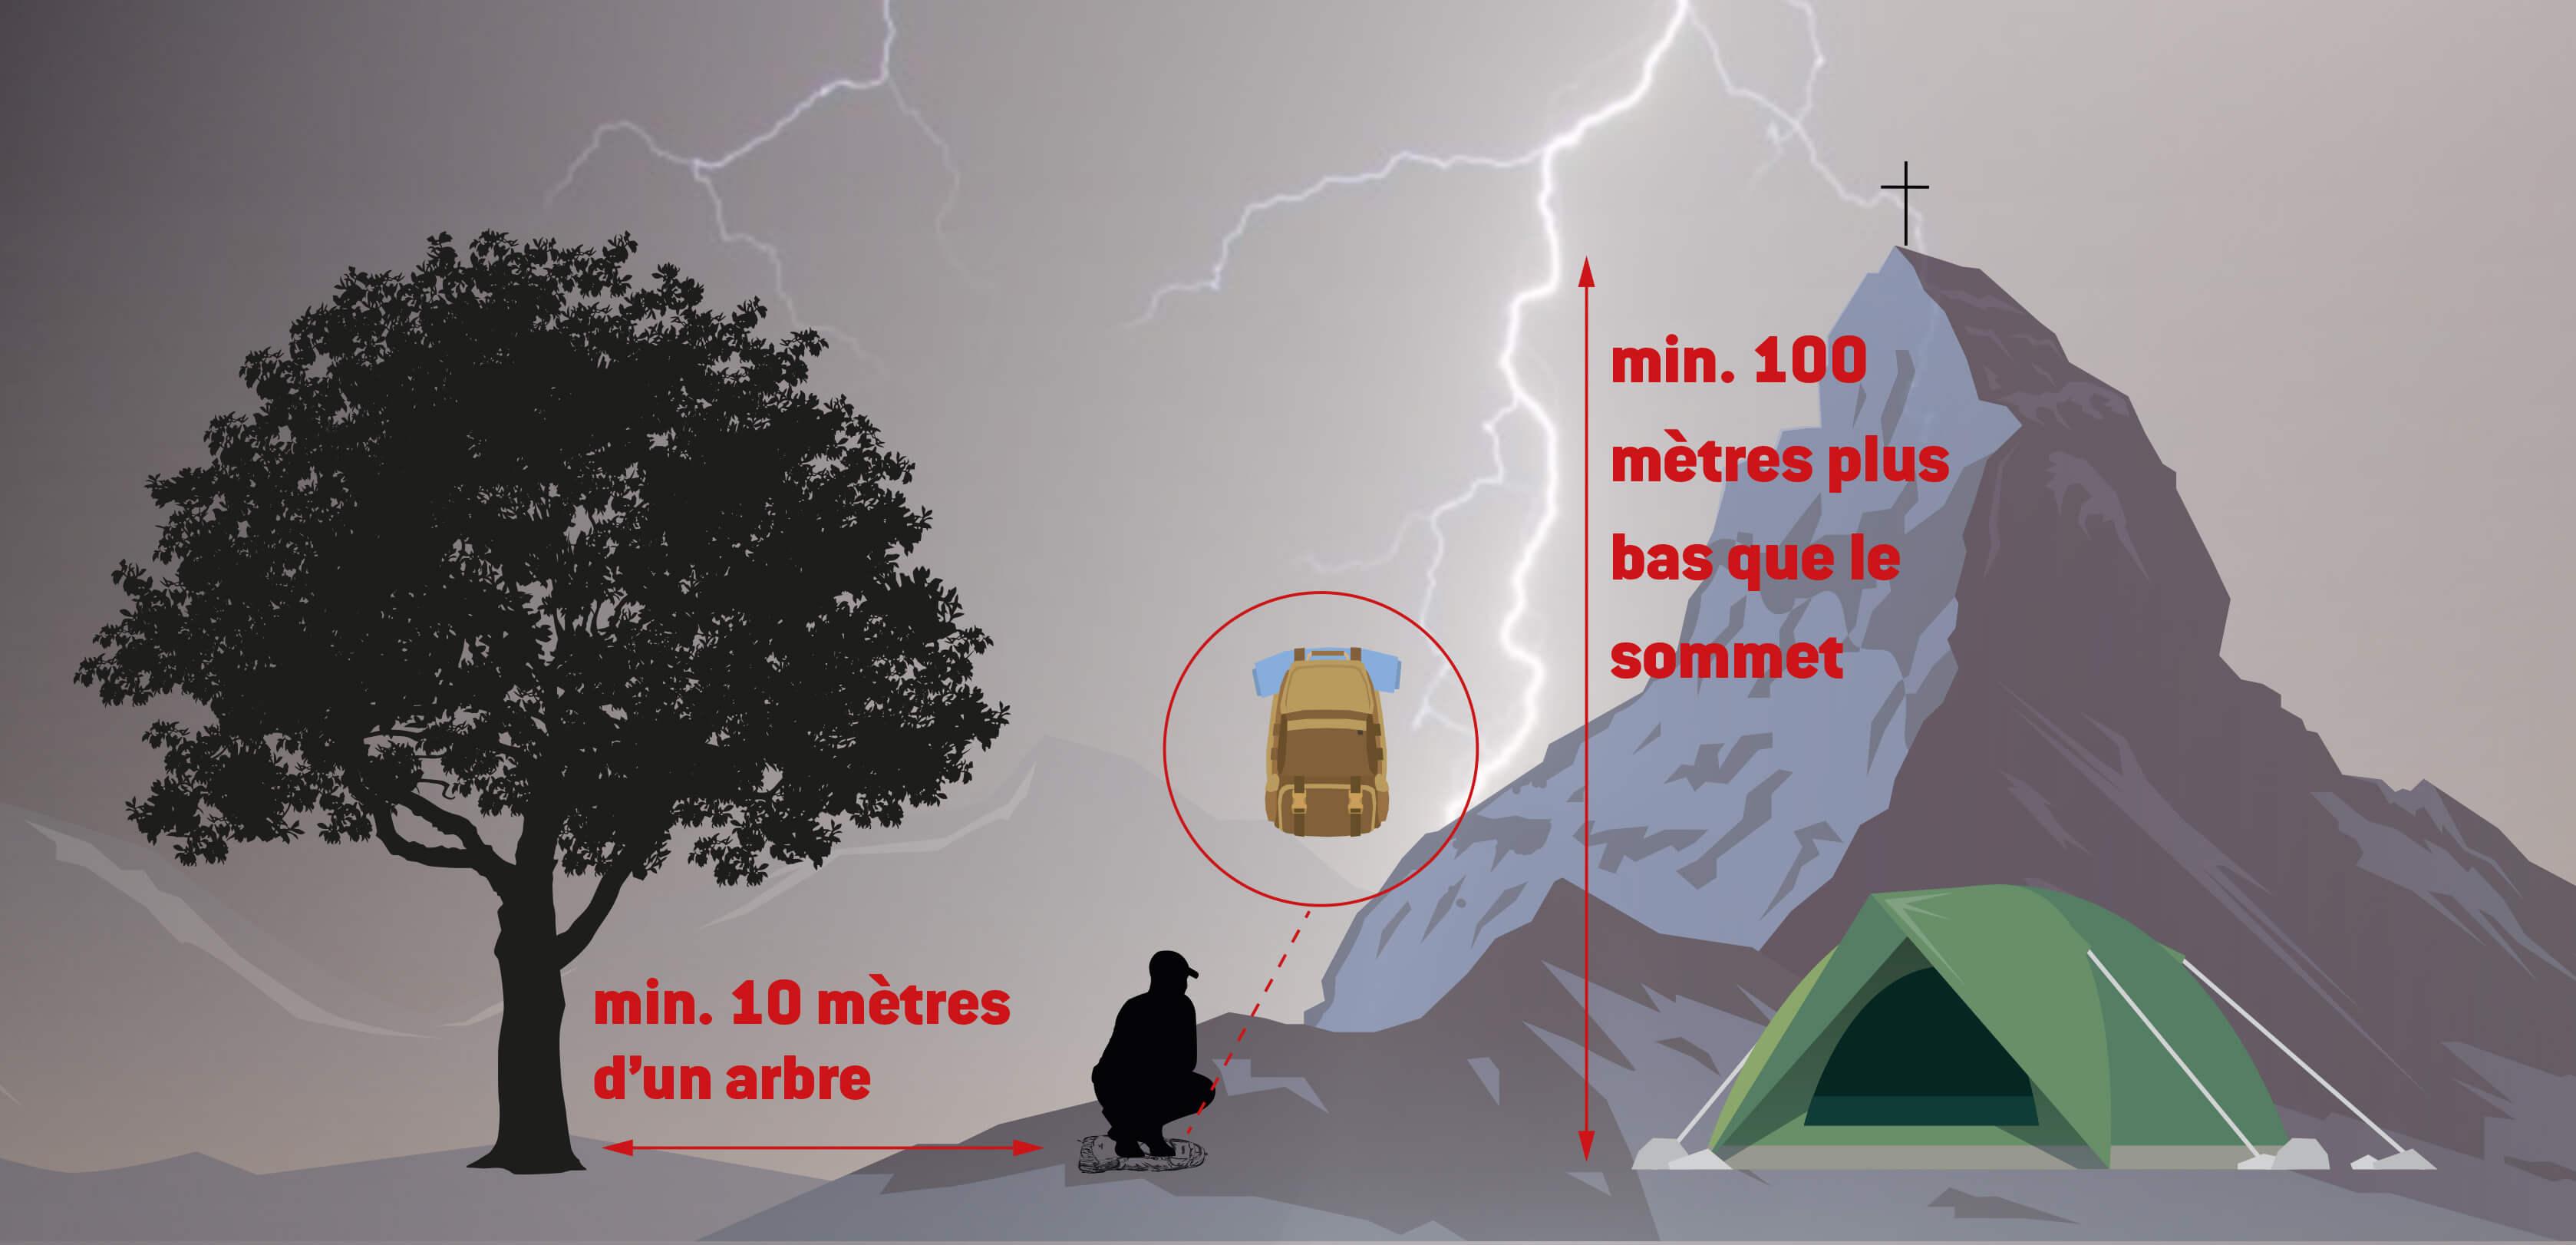 Comportement à adopter en cas d'orage en montagne.